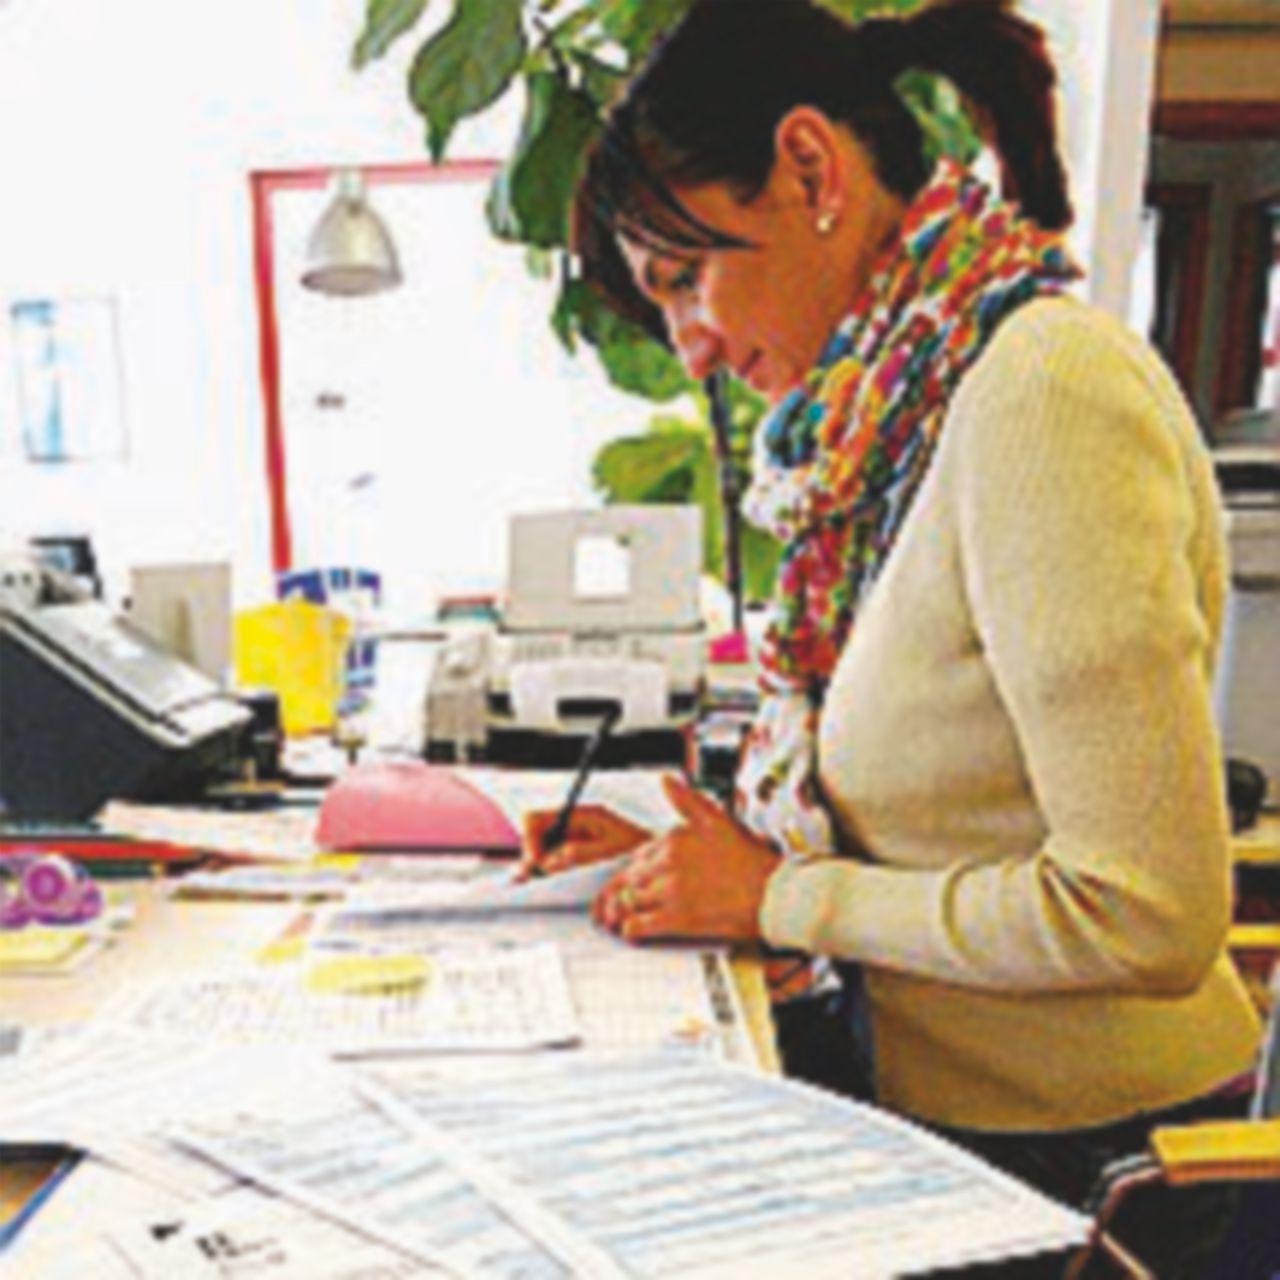 I commercialisti in sciopero per la prima volta: troppa burocrazia